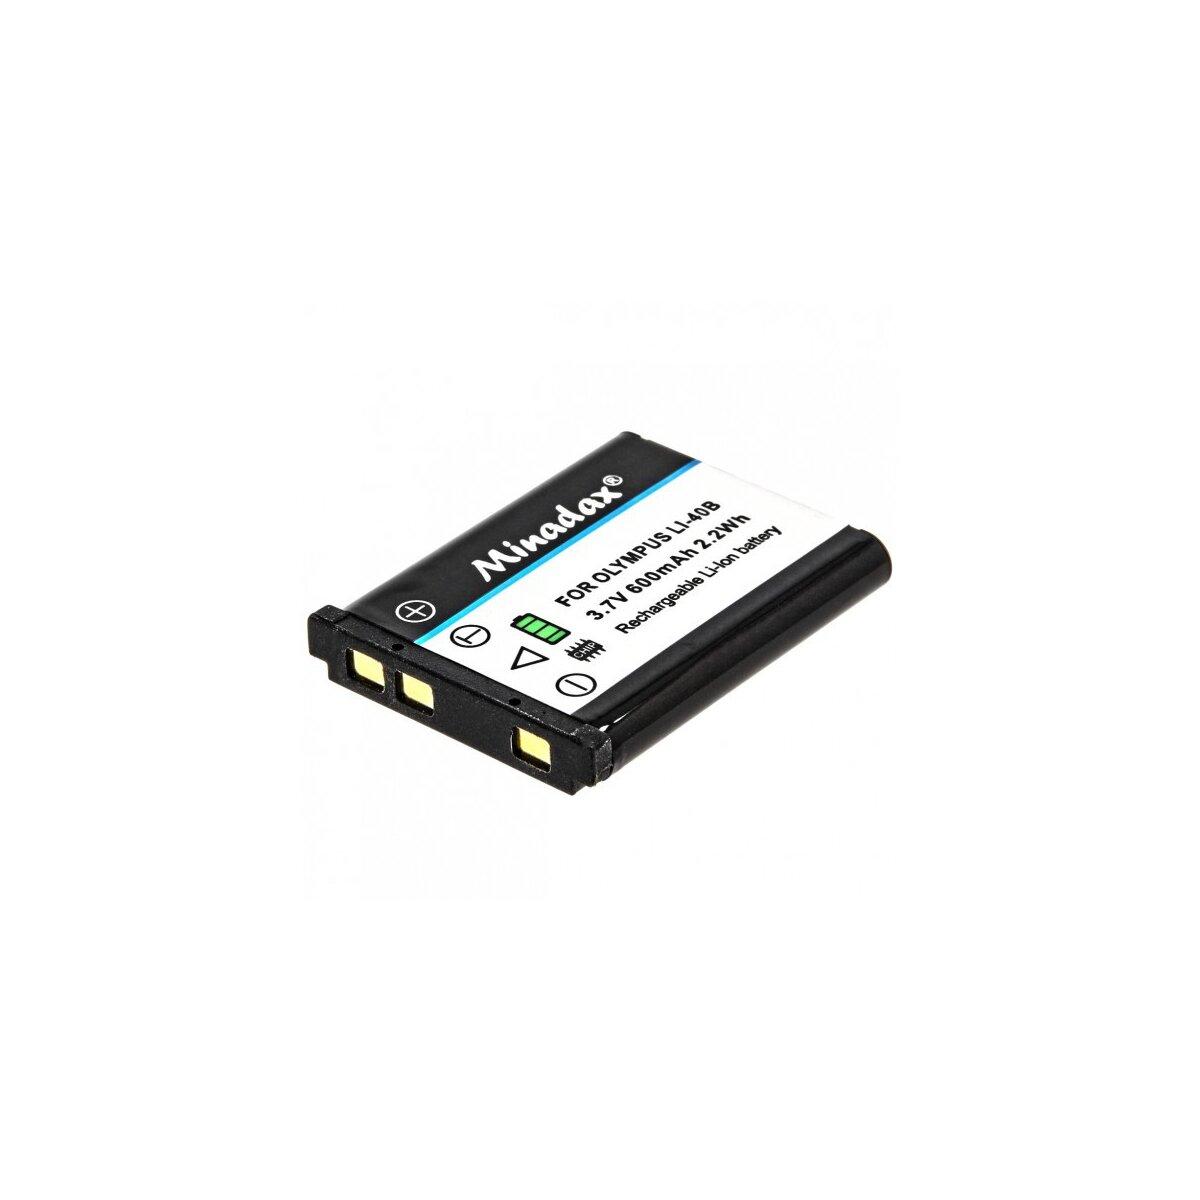 Minadax® Qualitaetsakku mit echten 600 mAh fuer Olympus -wie LI-40B / LI-42B